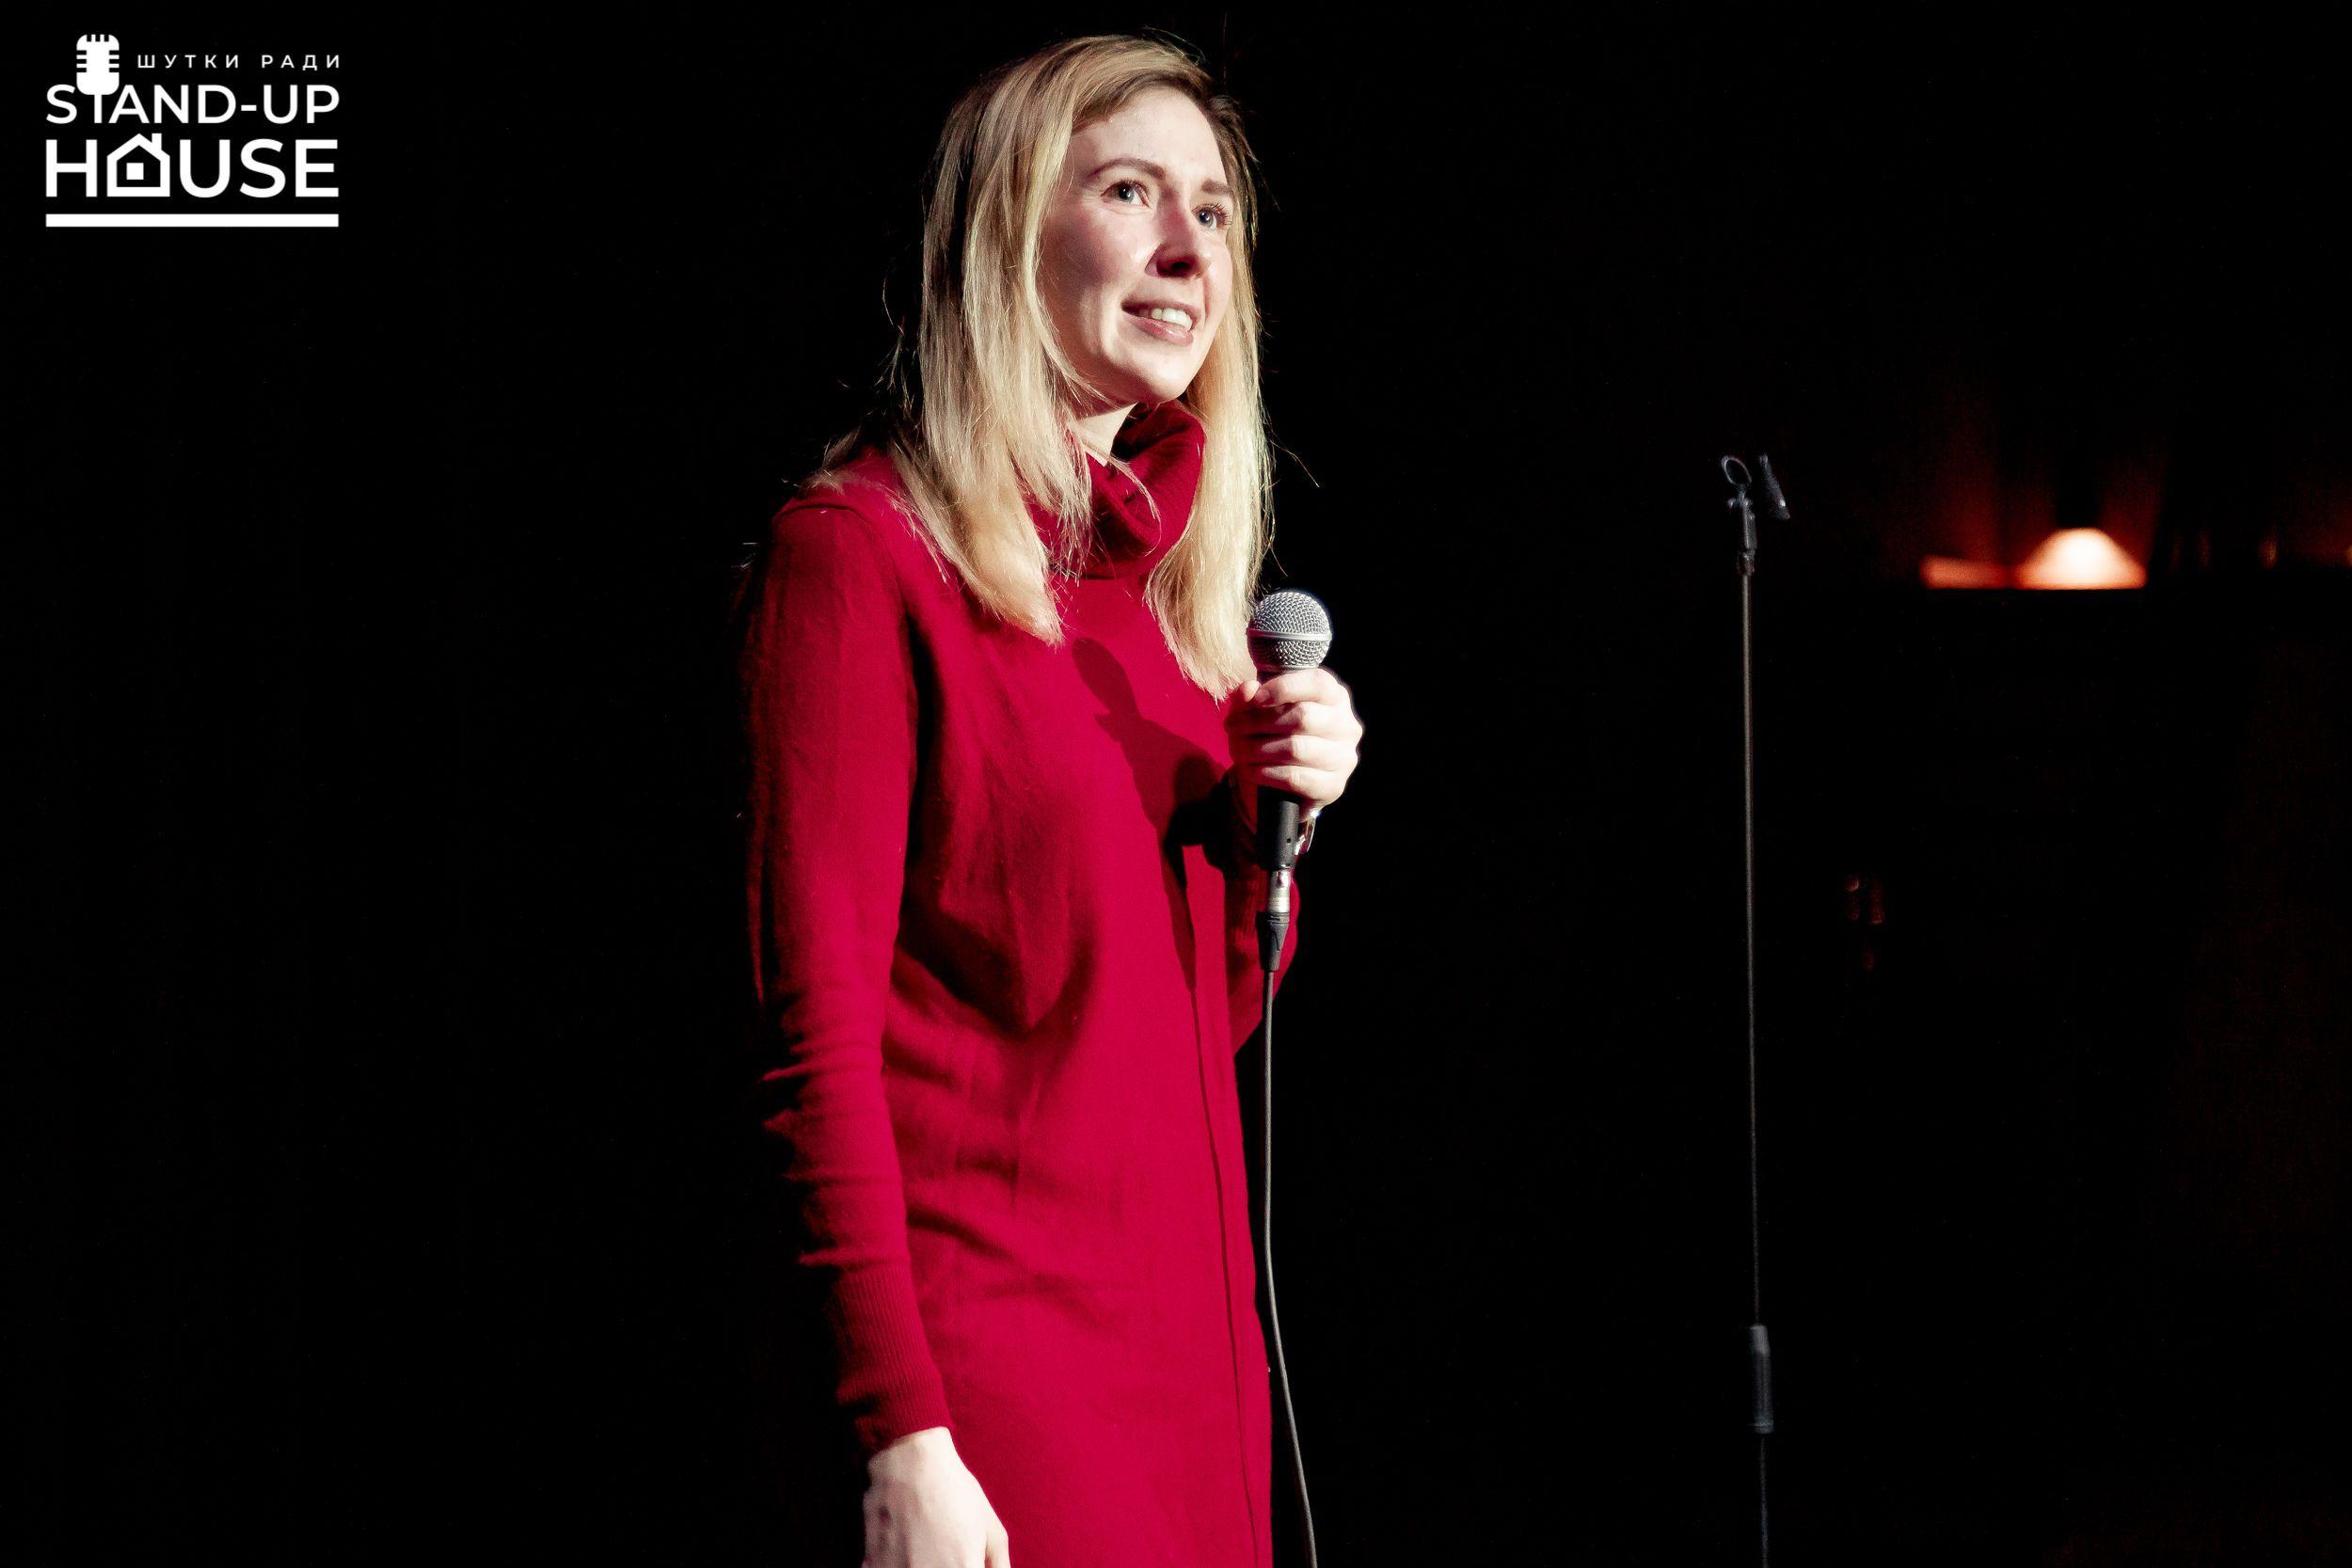 StandUp-вечера и авторские форматы шоу от ТВ- и YouTube-комиков в Stand-Up House фото 10